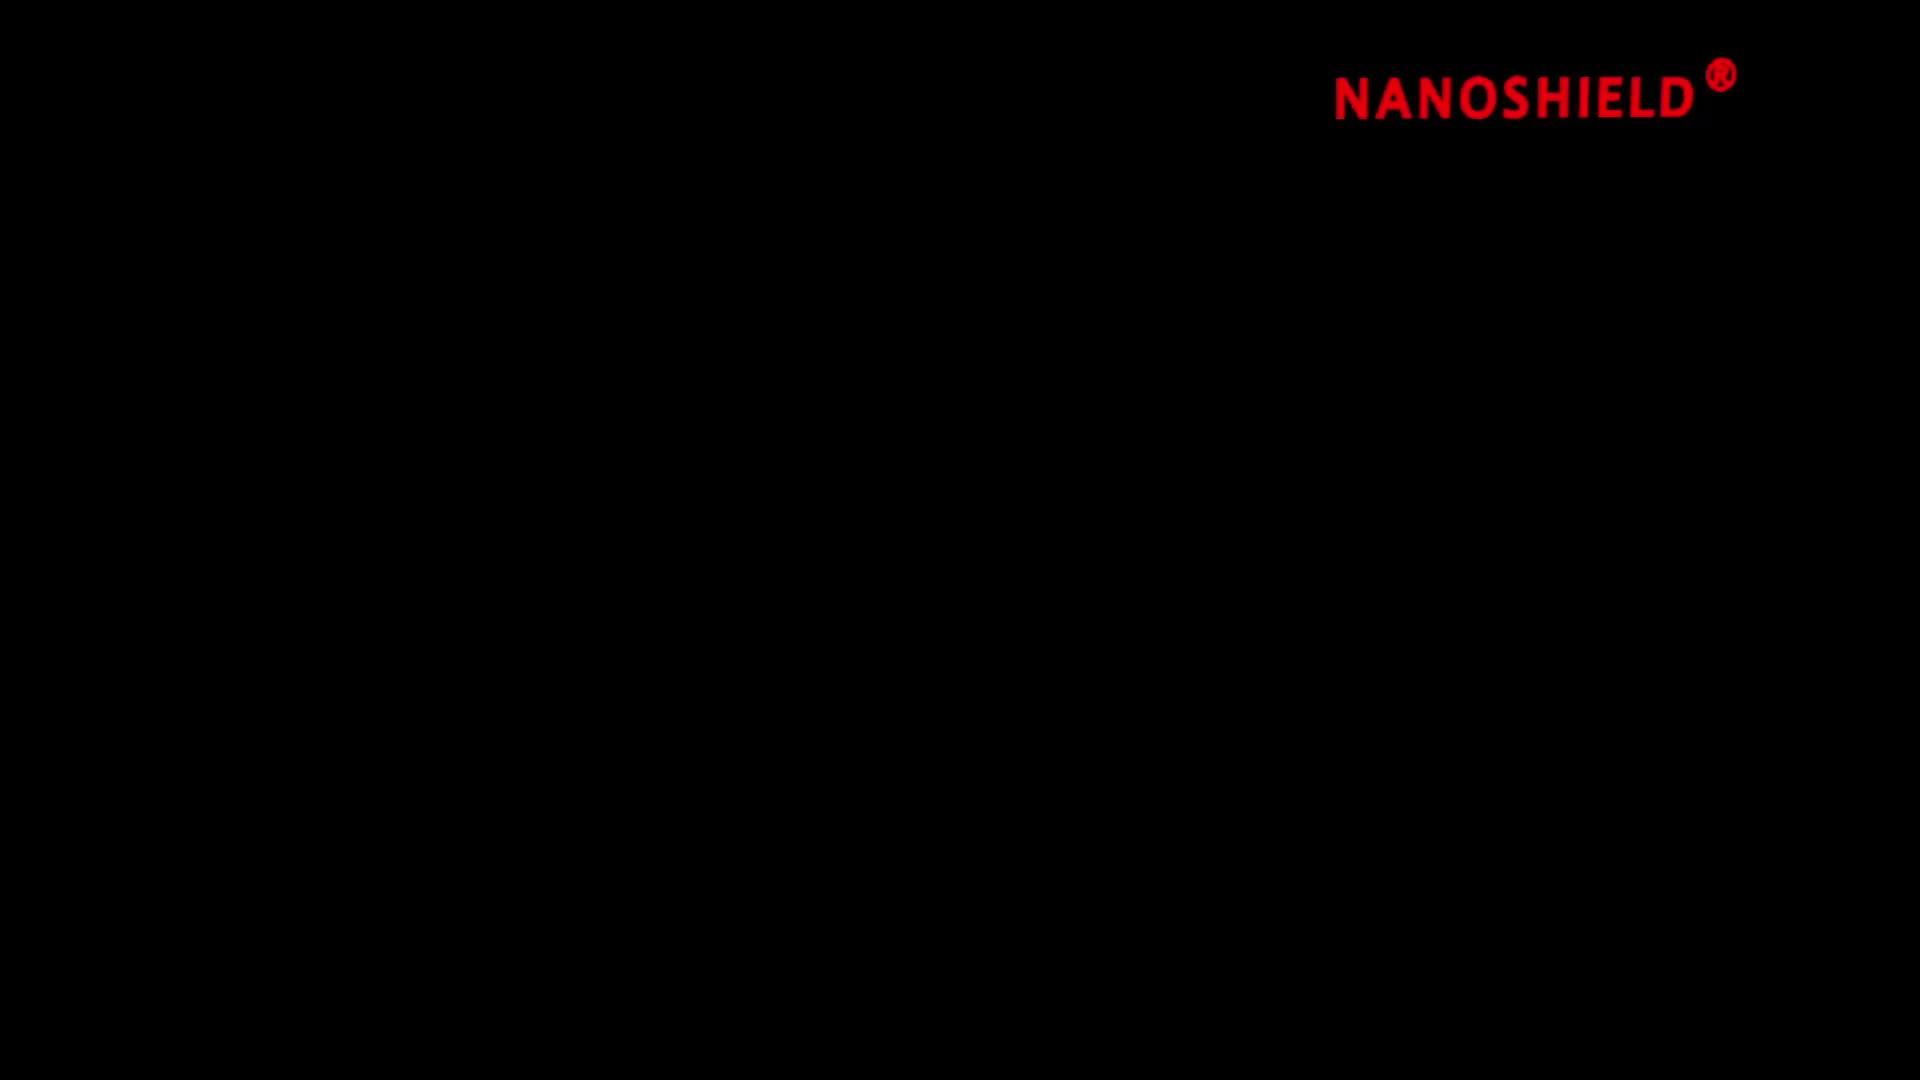 Nhà máy Bán Buôn Nano Khiên Mềm Chống Sốc Bảo Vệ Màn Hình Cho iPhone Xs Max Bảo Vệ Màn Hình